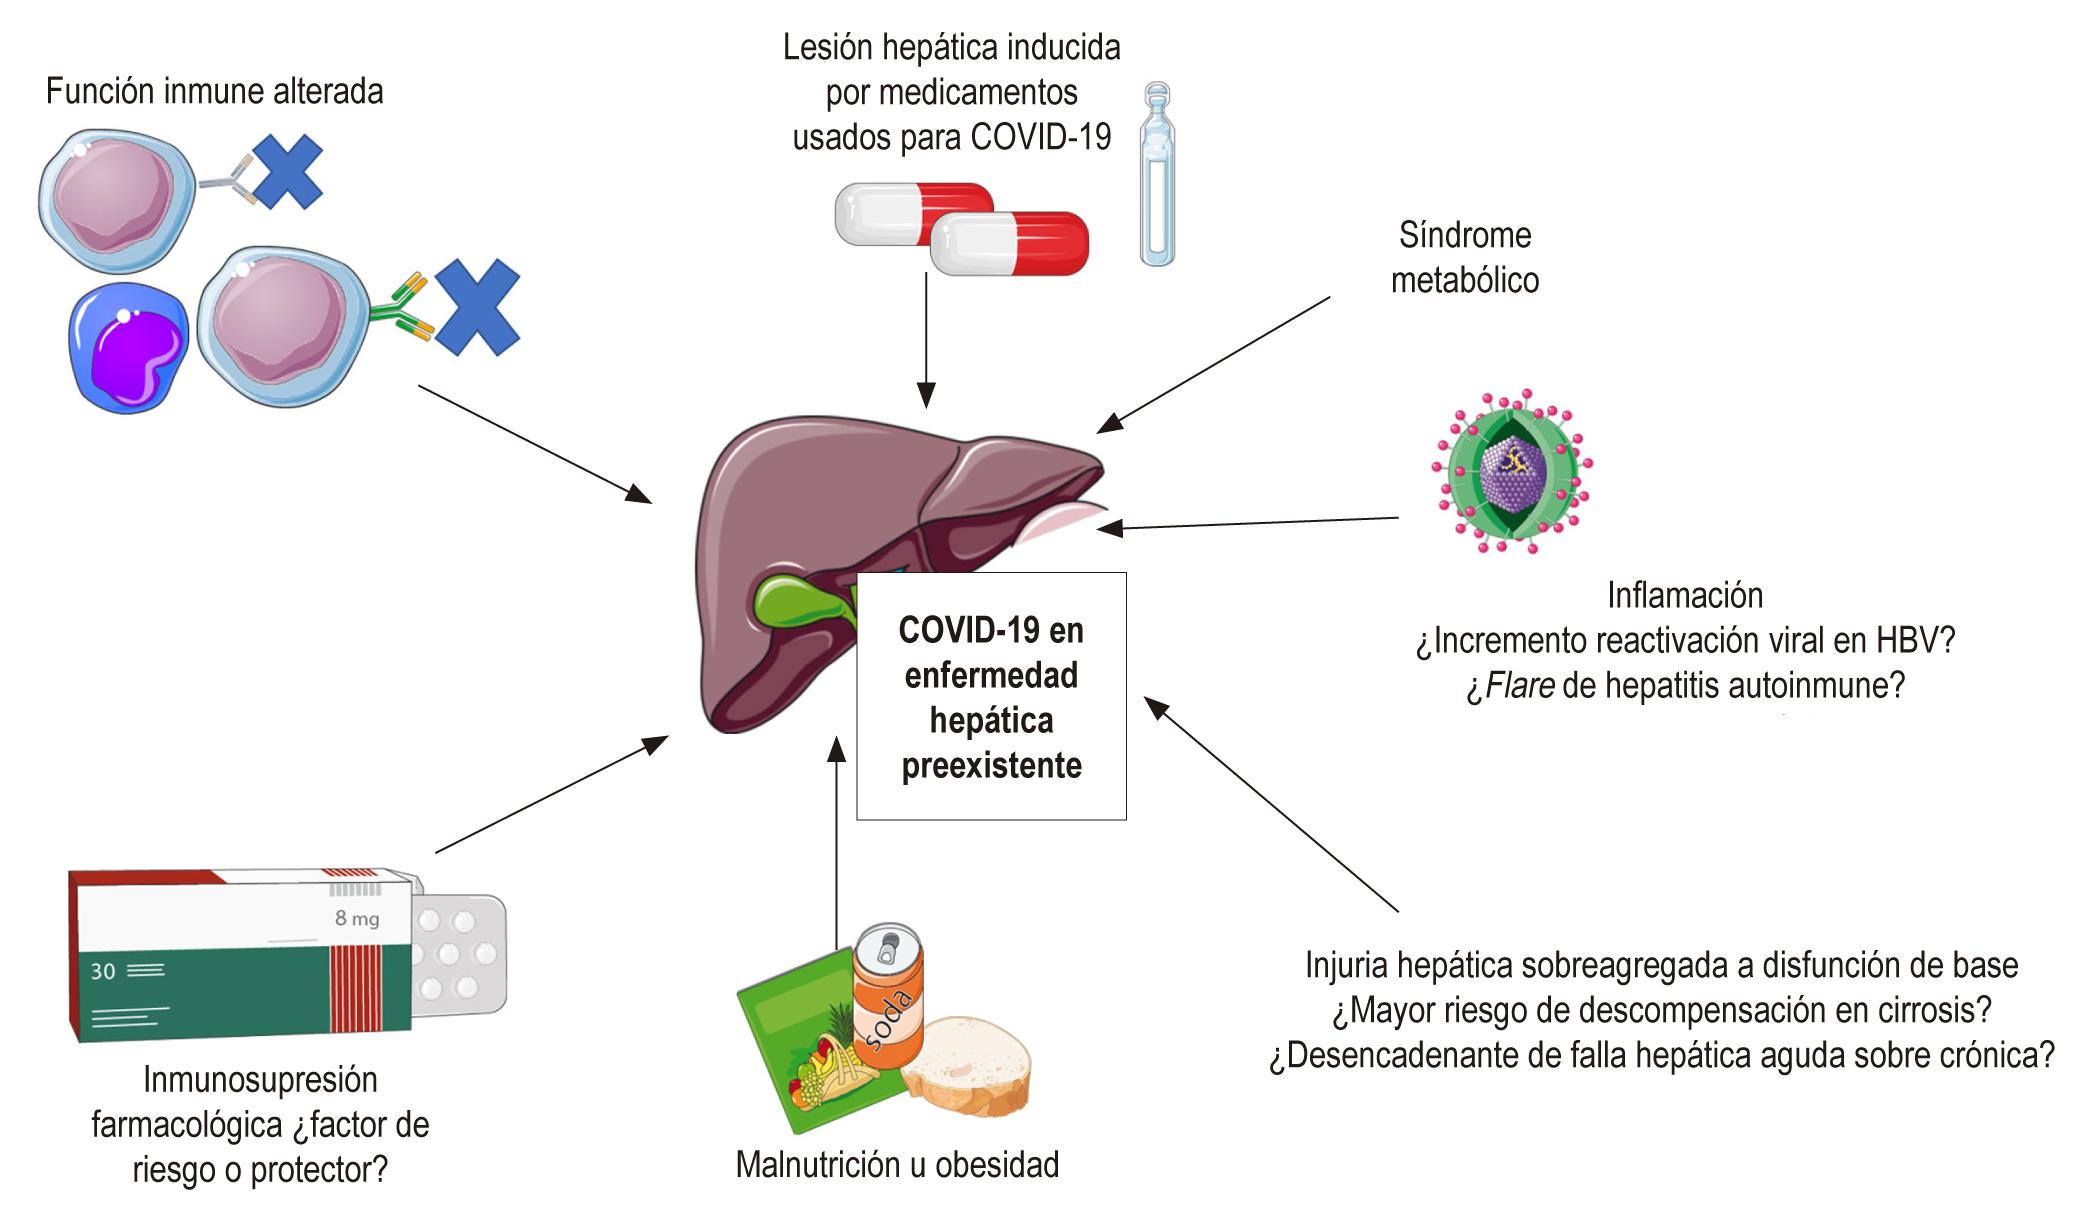 Figura 2. COVID-19 en enfermedad hepática preexistente